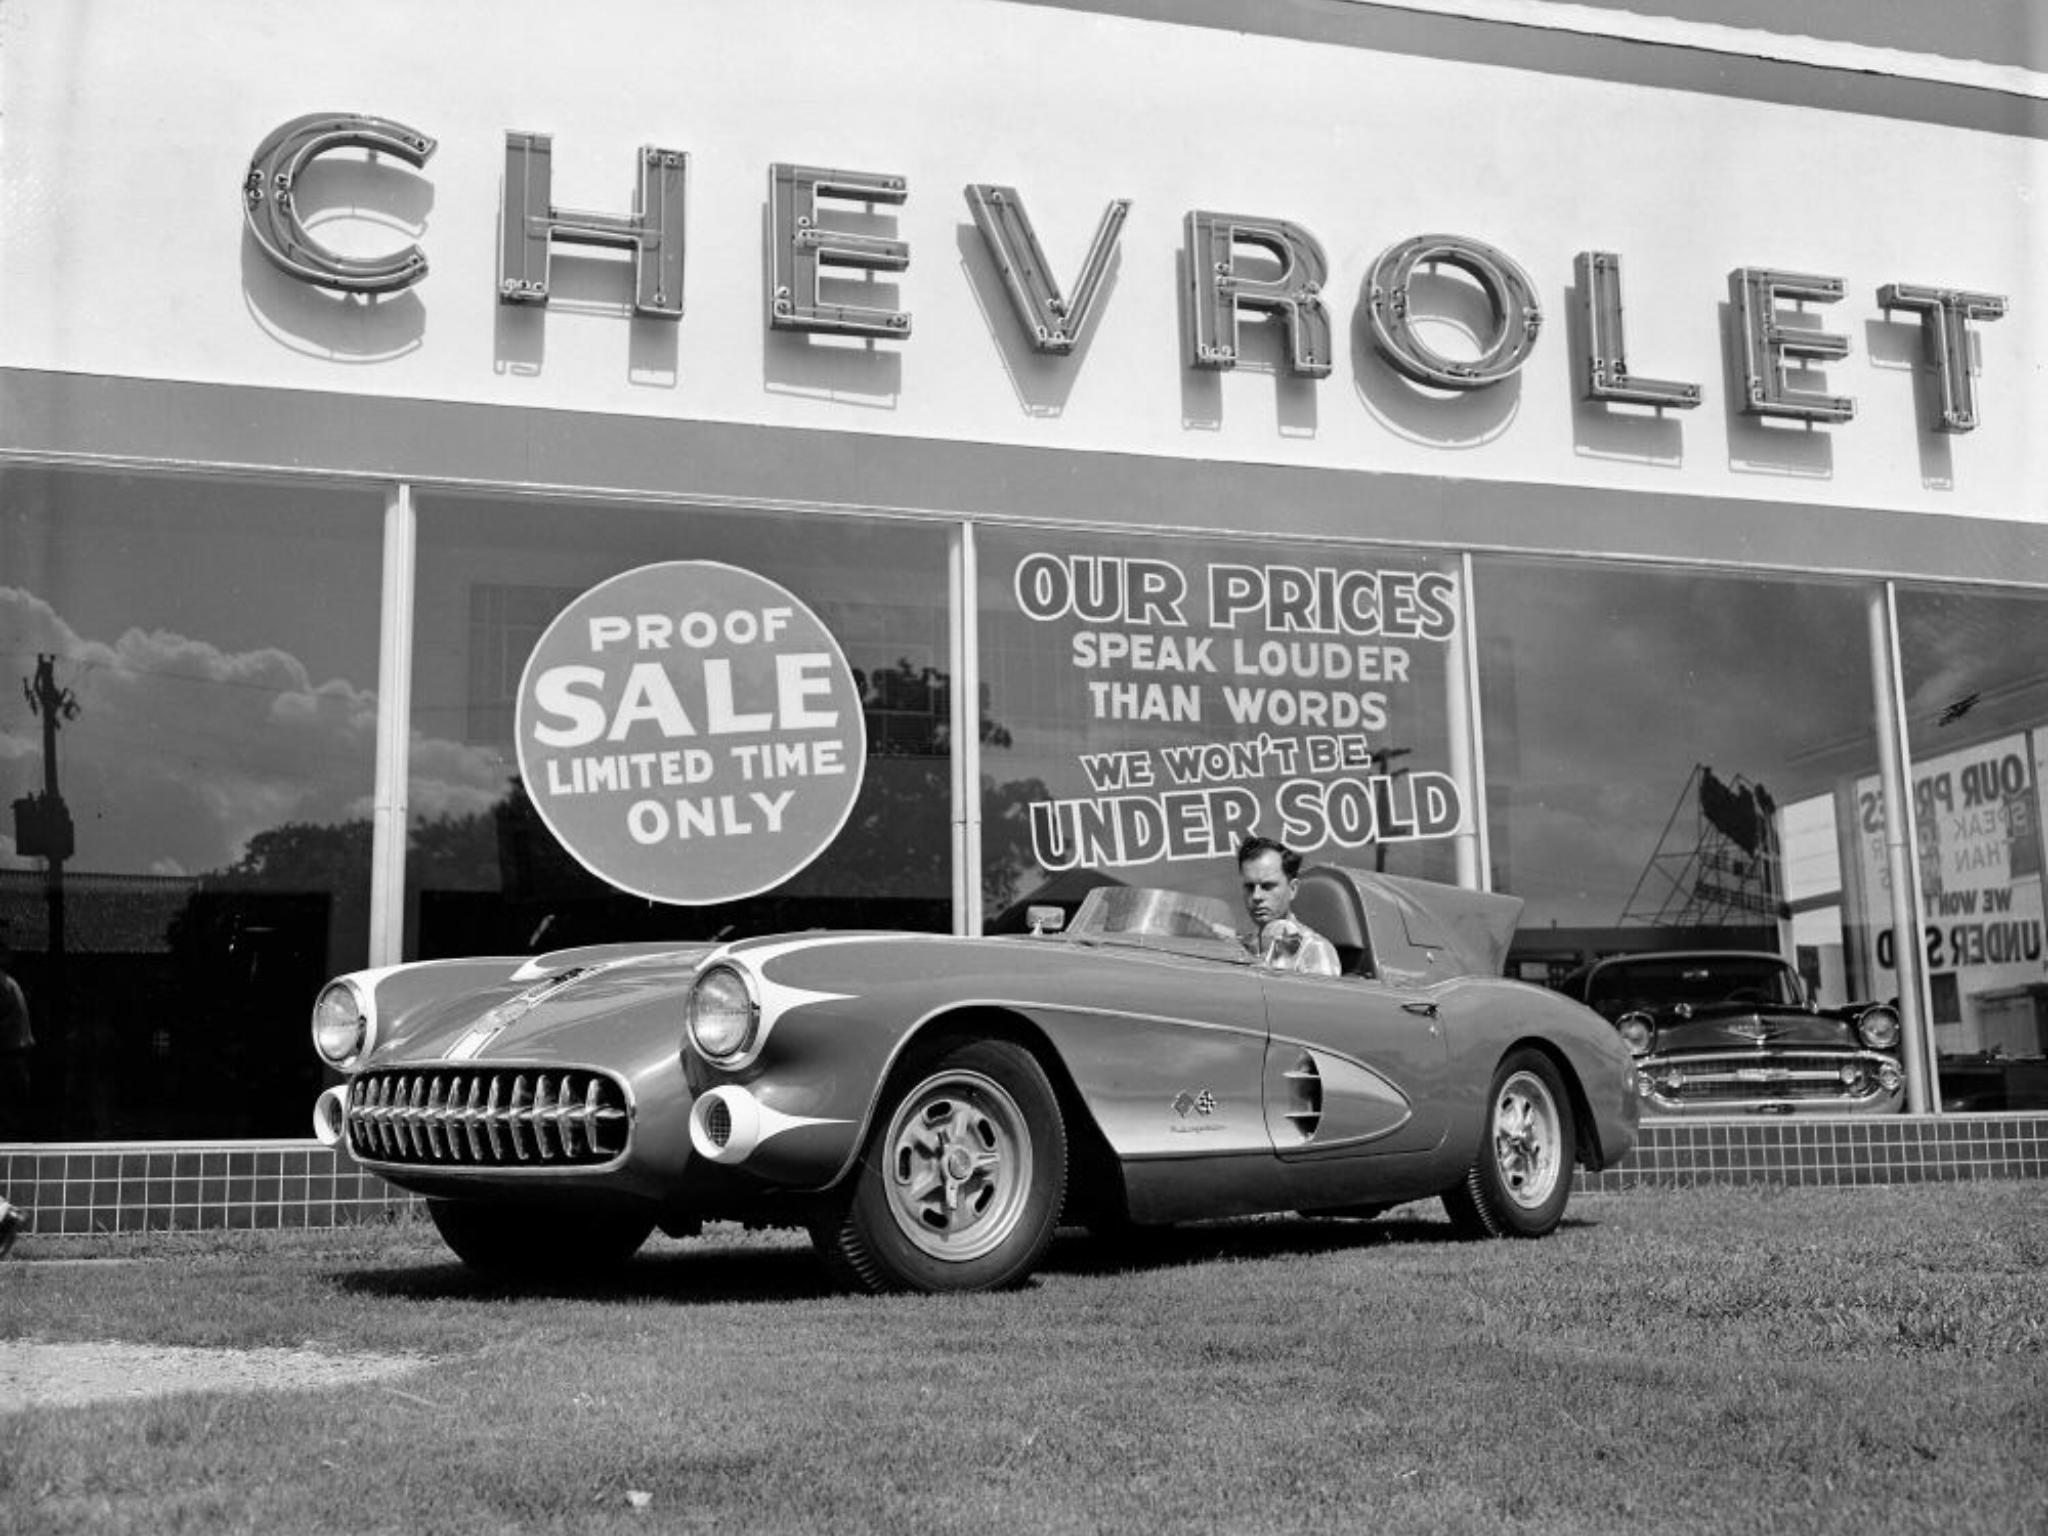 Knapp Chevrolet Dealership Houston Texas Corvette Chevrolet Dealership Vintage Corvette